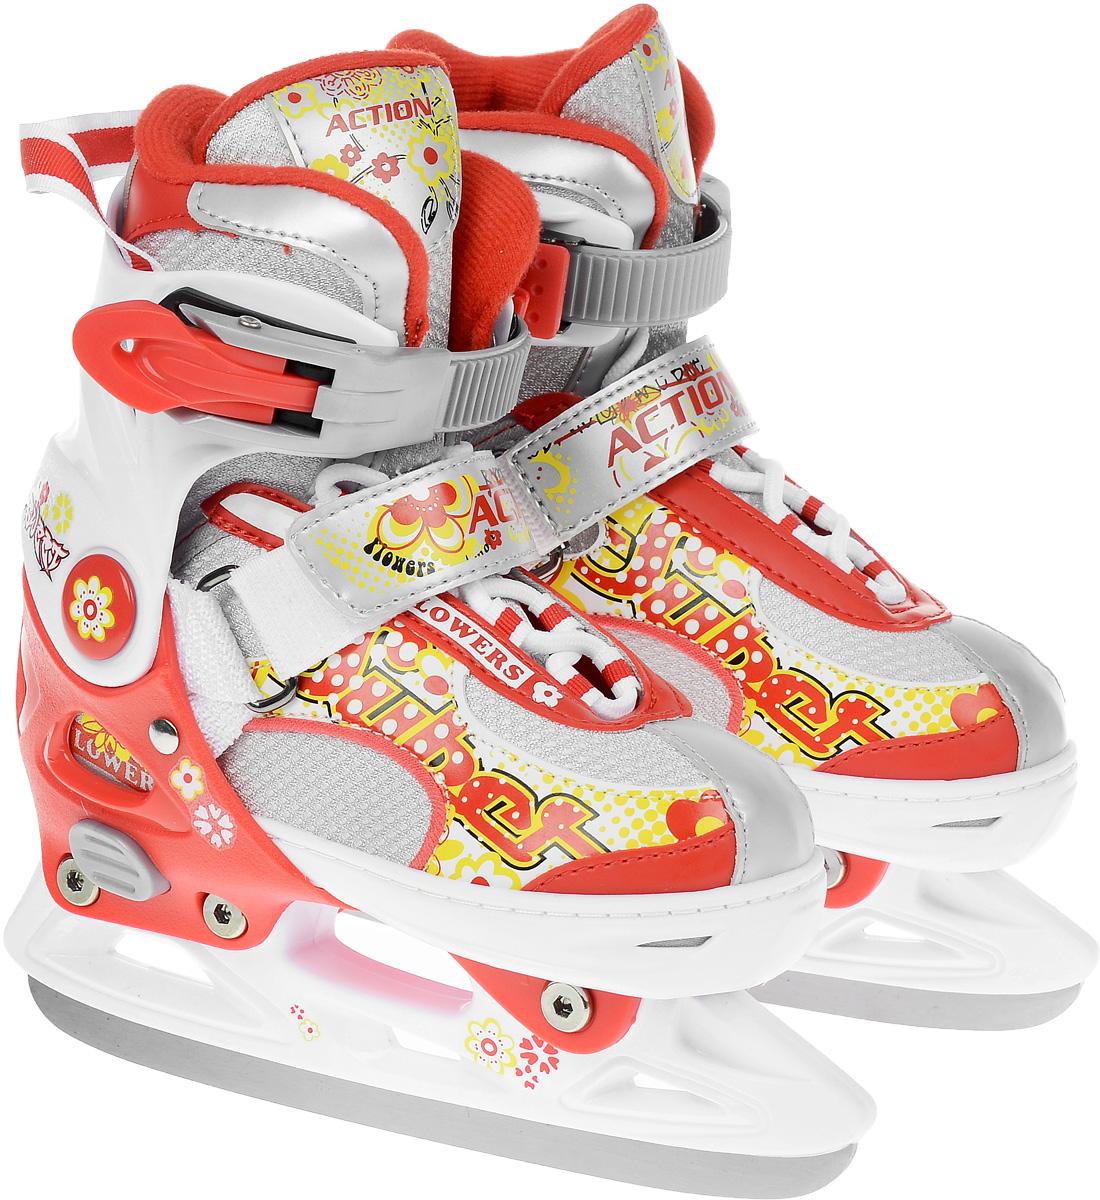 Коньки ледовые для девочки Action Sporting Goods, раздвижные, цвет: белый, красный. PW-113. Размер 33/36PW-113Яркие ледовые коньки для девочки Sporting Goods с ударопрочной защитной конструкцией отлично подойдут для начинающих обучаться катанию. Ботинки изготовлены из морозостойкого пластика, который защитит ноги от ударов. Пластиковая бакля с фиксатором, хлястик на липучке и шнуровка надежно фиксируют голеностоп. Внутренний сапожок, выполненный из мягкого текстиля, обеспечит тепло и комфорт во время катания. Фигурное лезвие изготовлено из нержавеющей стали со специальным покрытием, придающим дополнительную прочность. Изделие декорировано по верху яркими изображениями. Особенностью коньков является раздвижная конструкция, которая позволяет увеличивать длину ботинка на 4 размера по мере роста ноги ребенка. У сапожка на мыске имеется специальная кнопка, которая позволит увеличить его размер. Стильные коньки придутся по душе вашей дочурке.